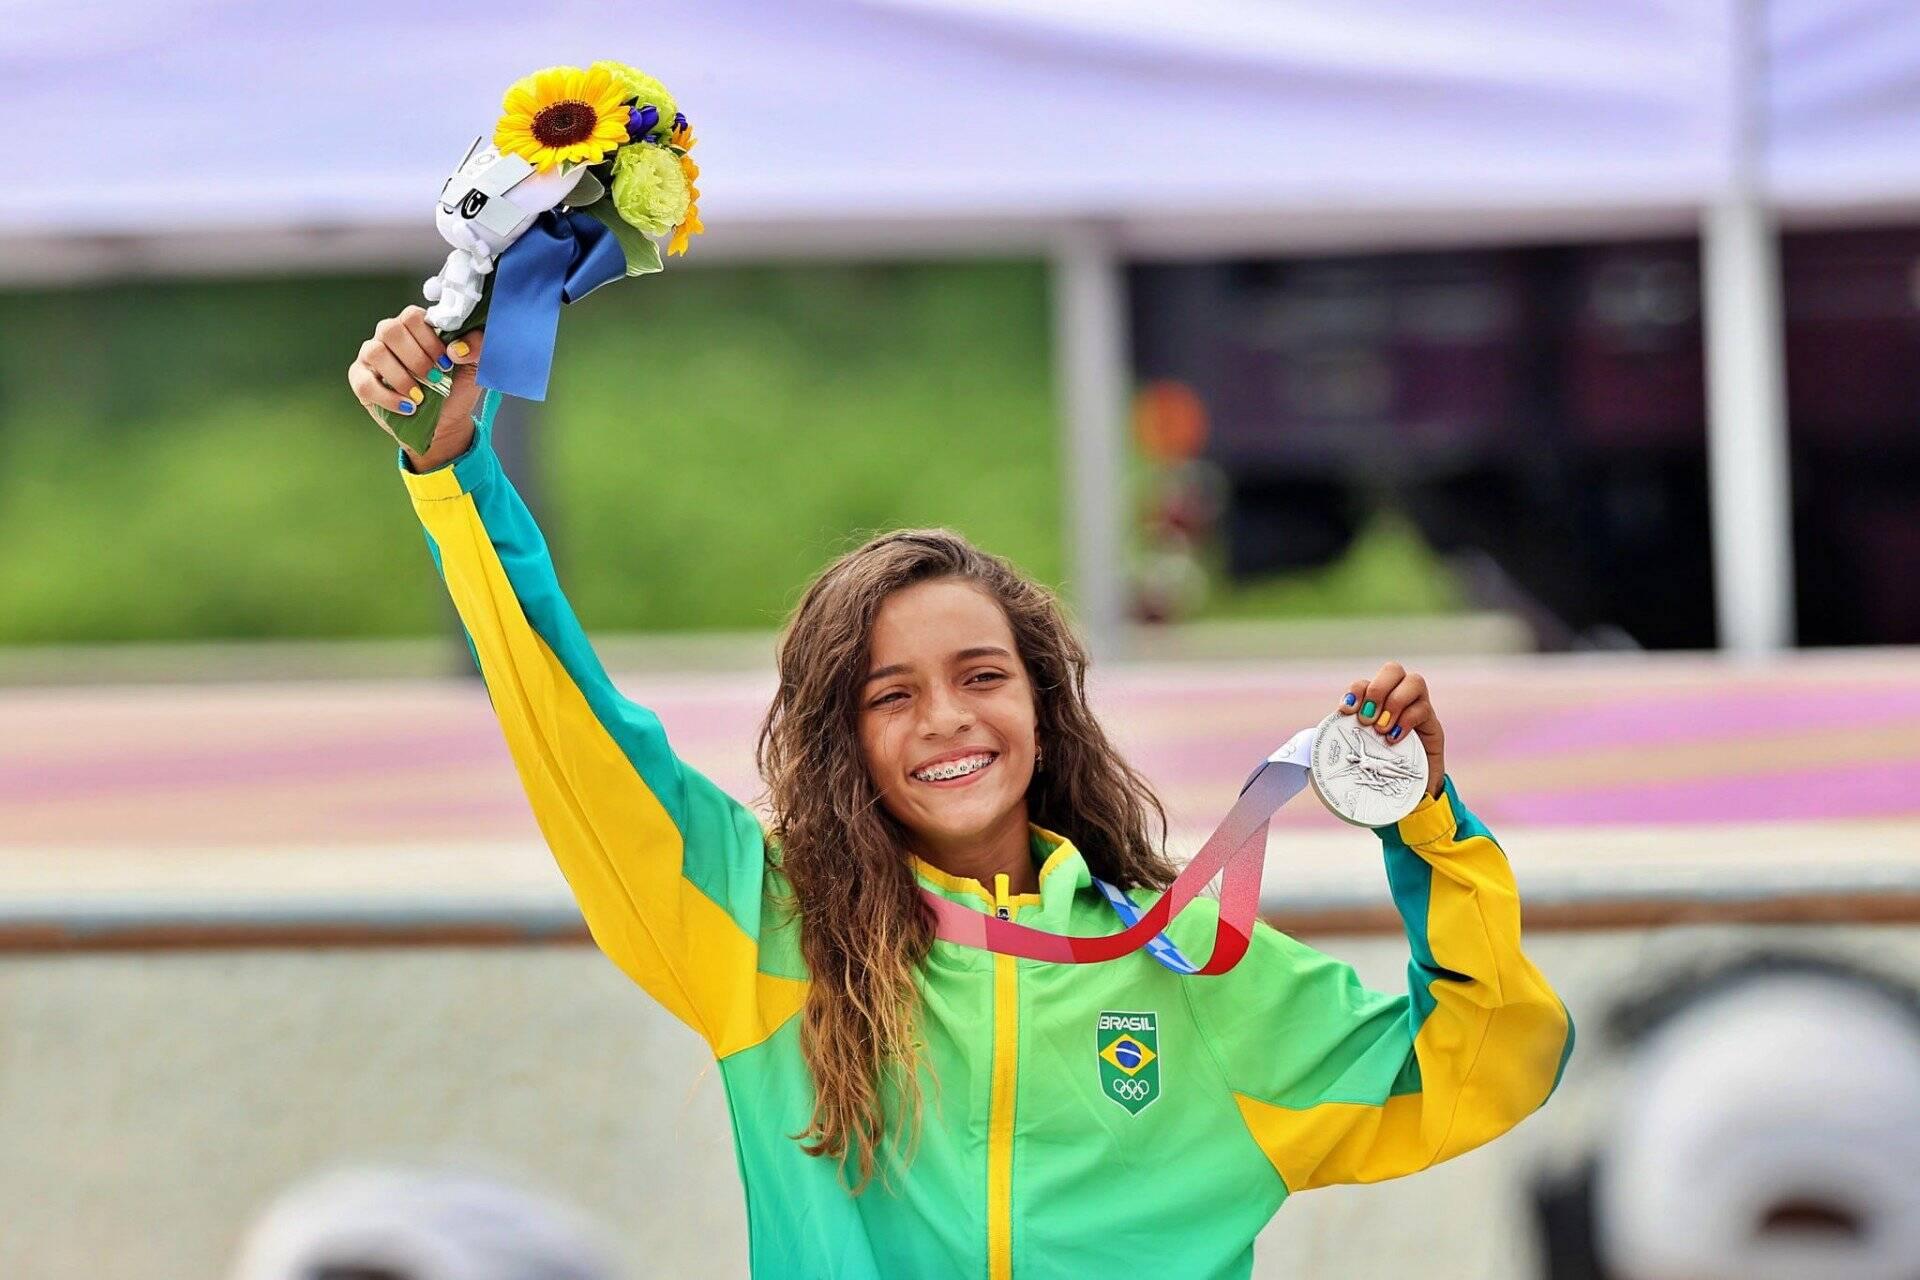 2 - Rayssa Leal (Prata skate) - 823%. Foto: redacao@odia.com.br (LANCE)